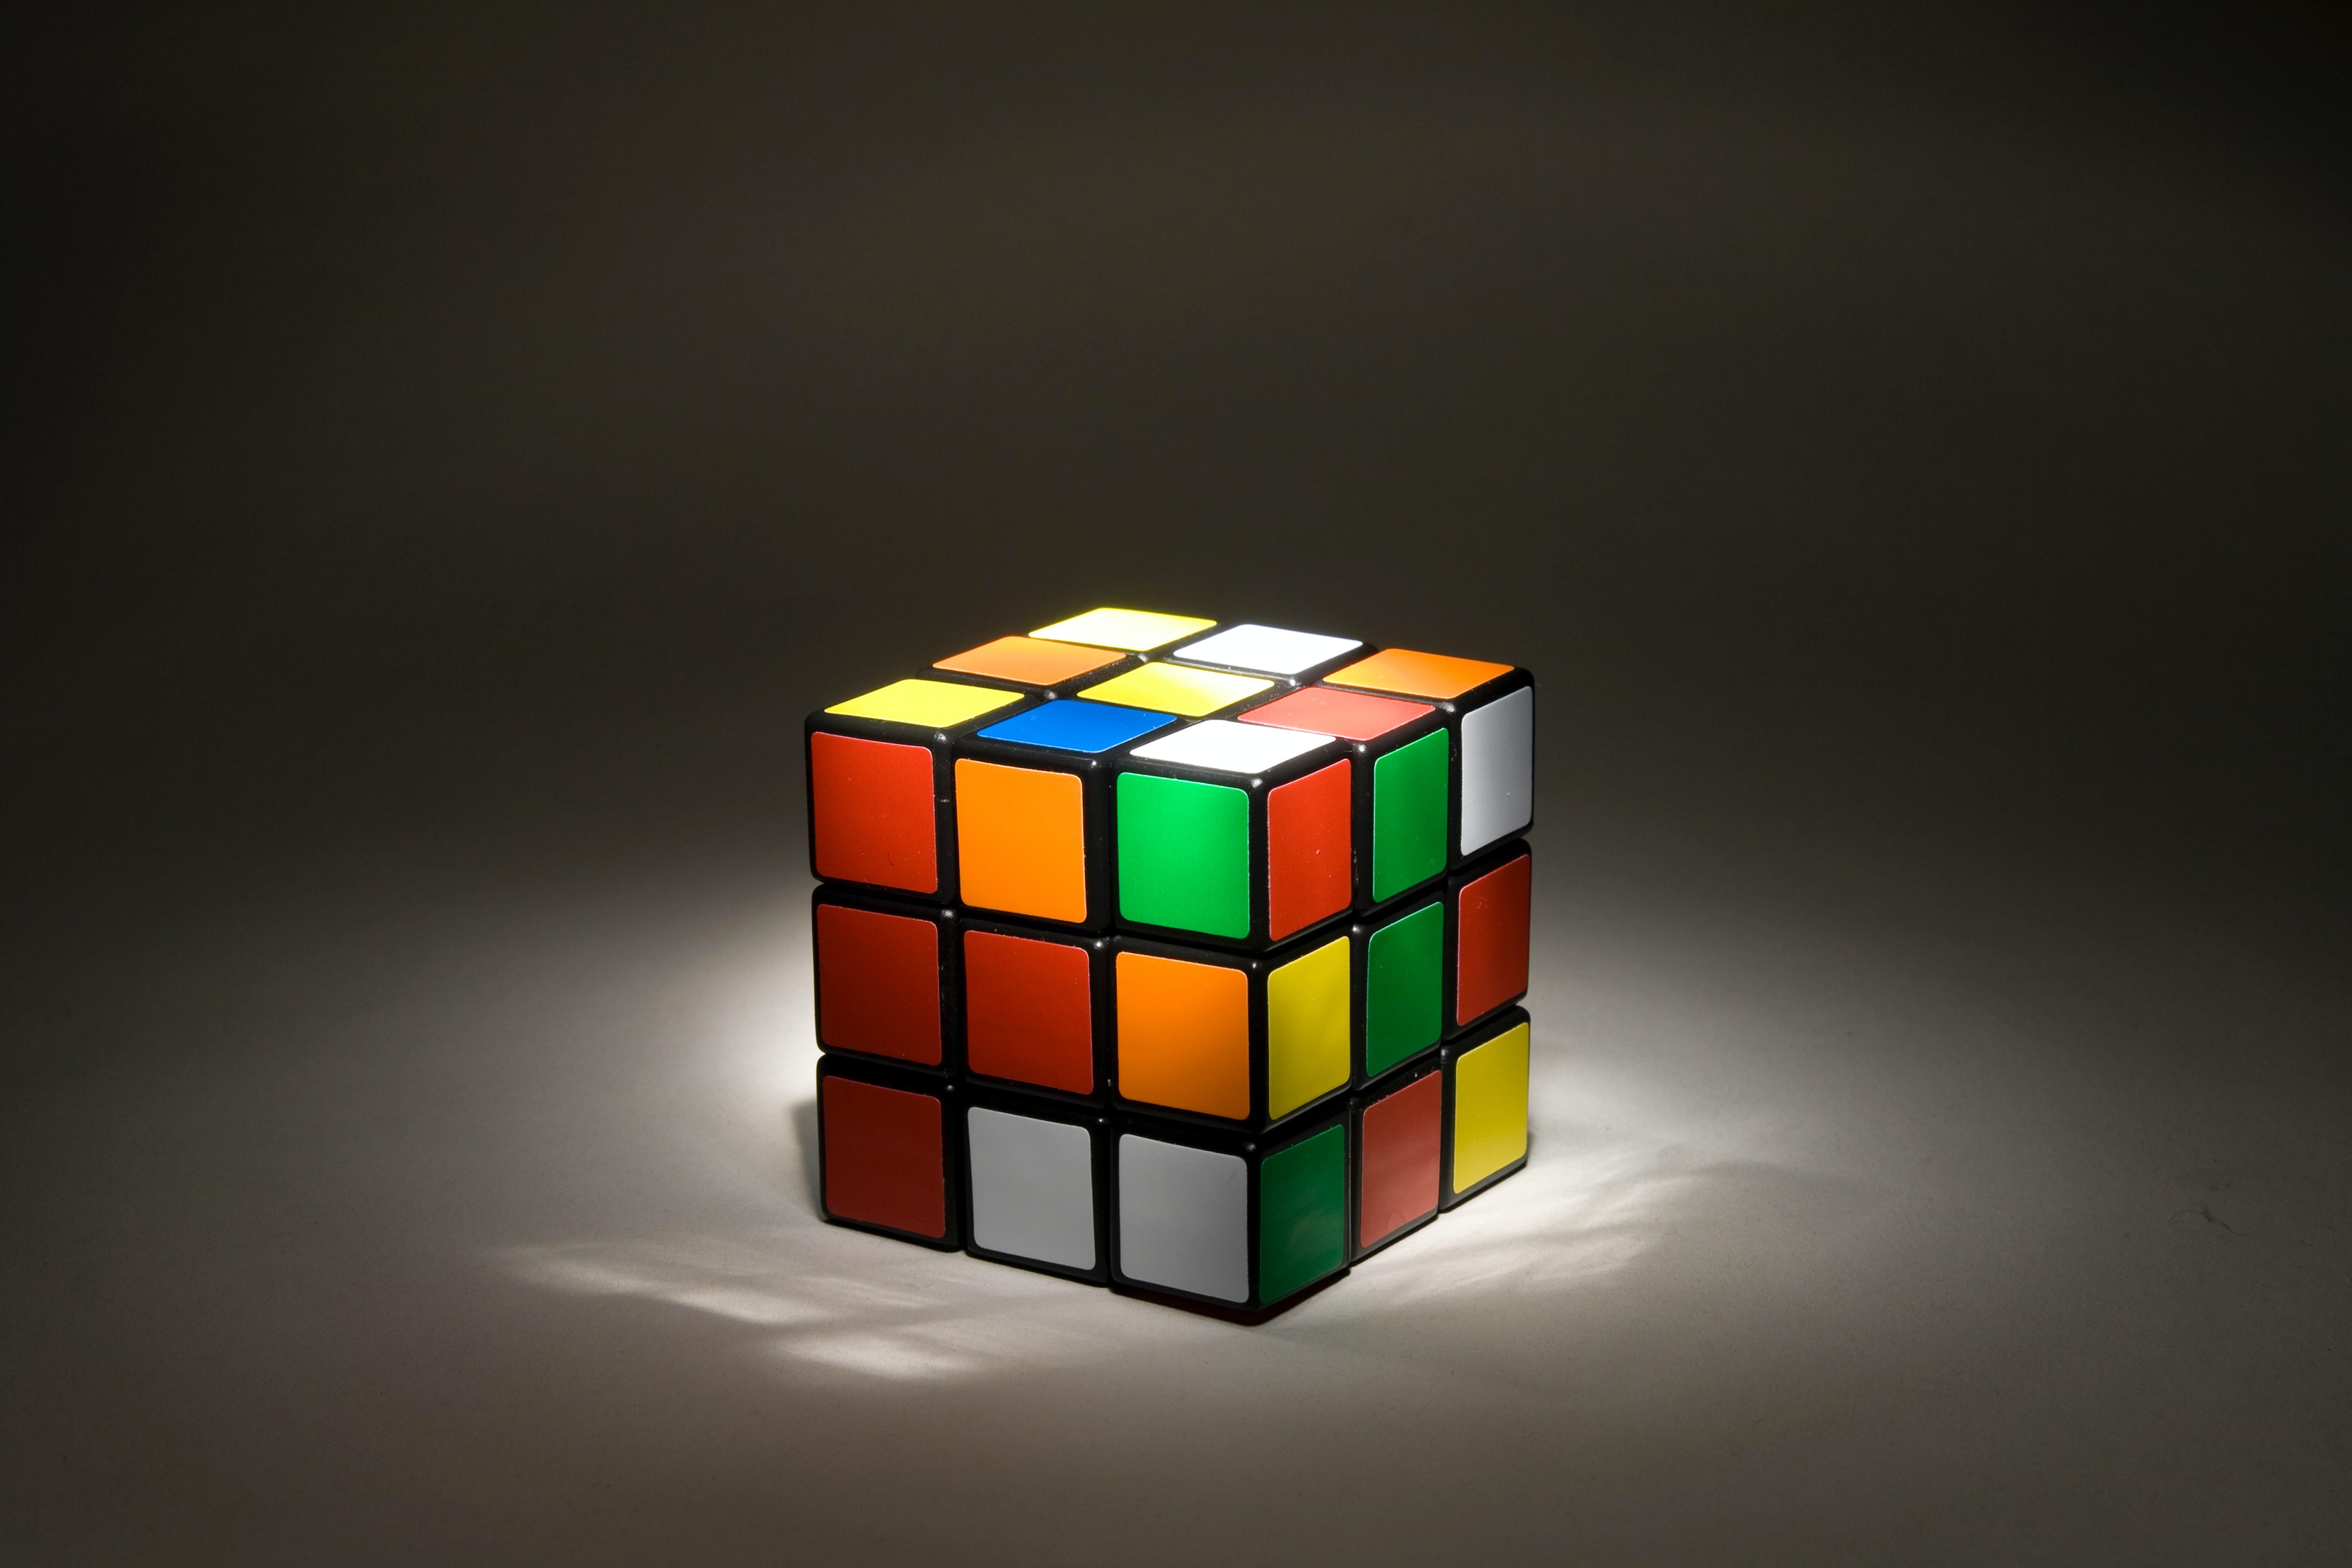 CSED: Rubik's Cube 101